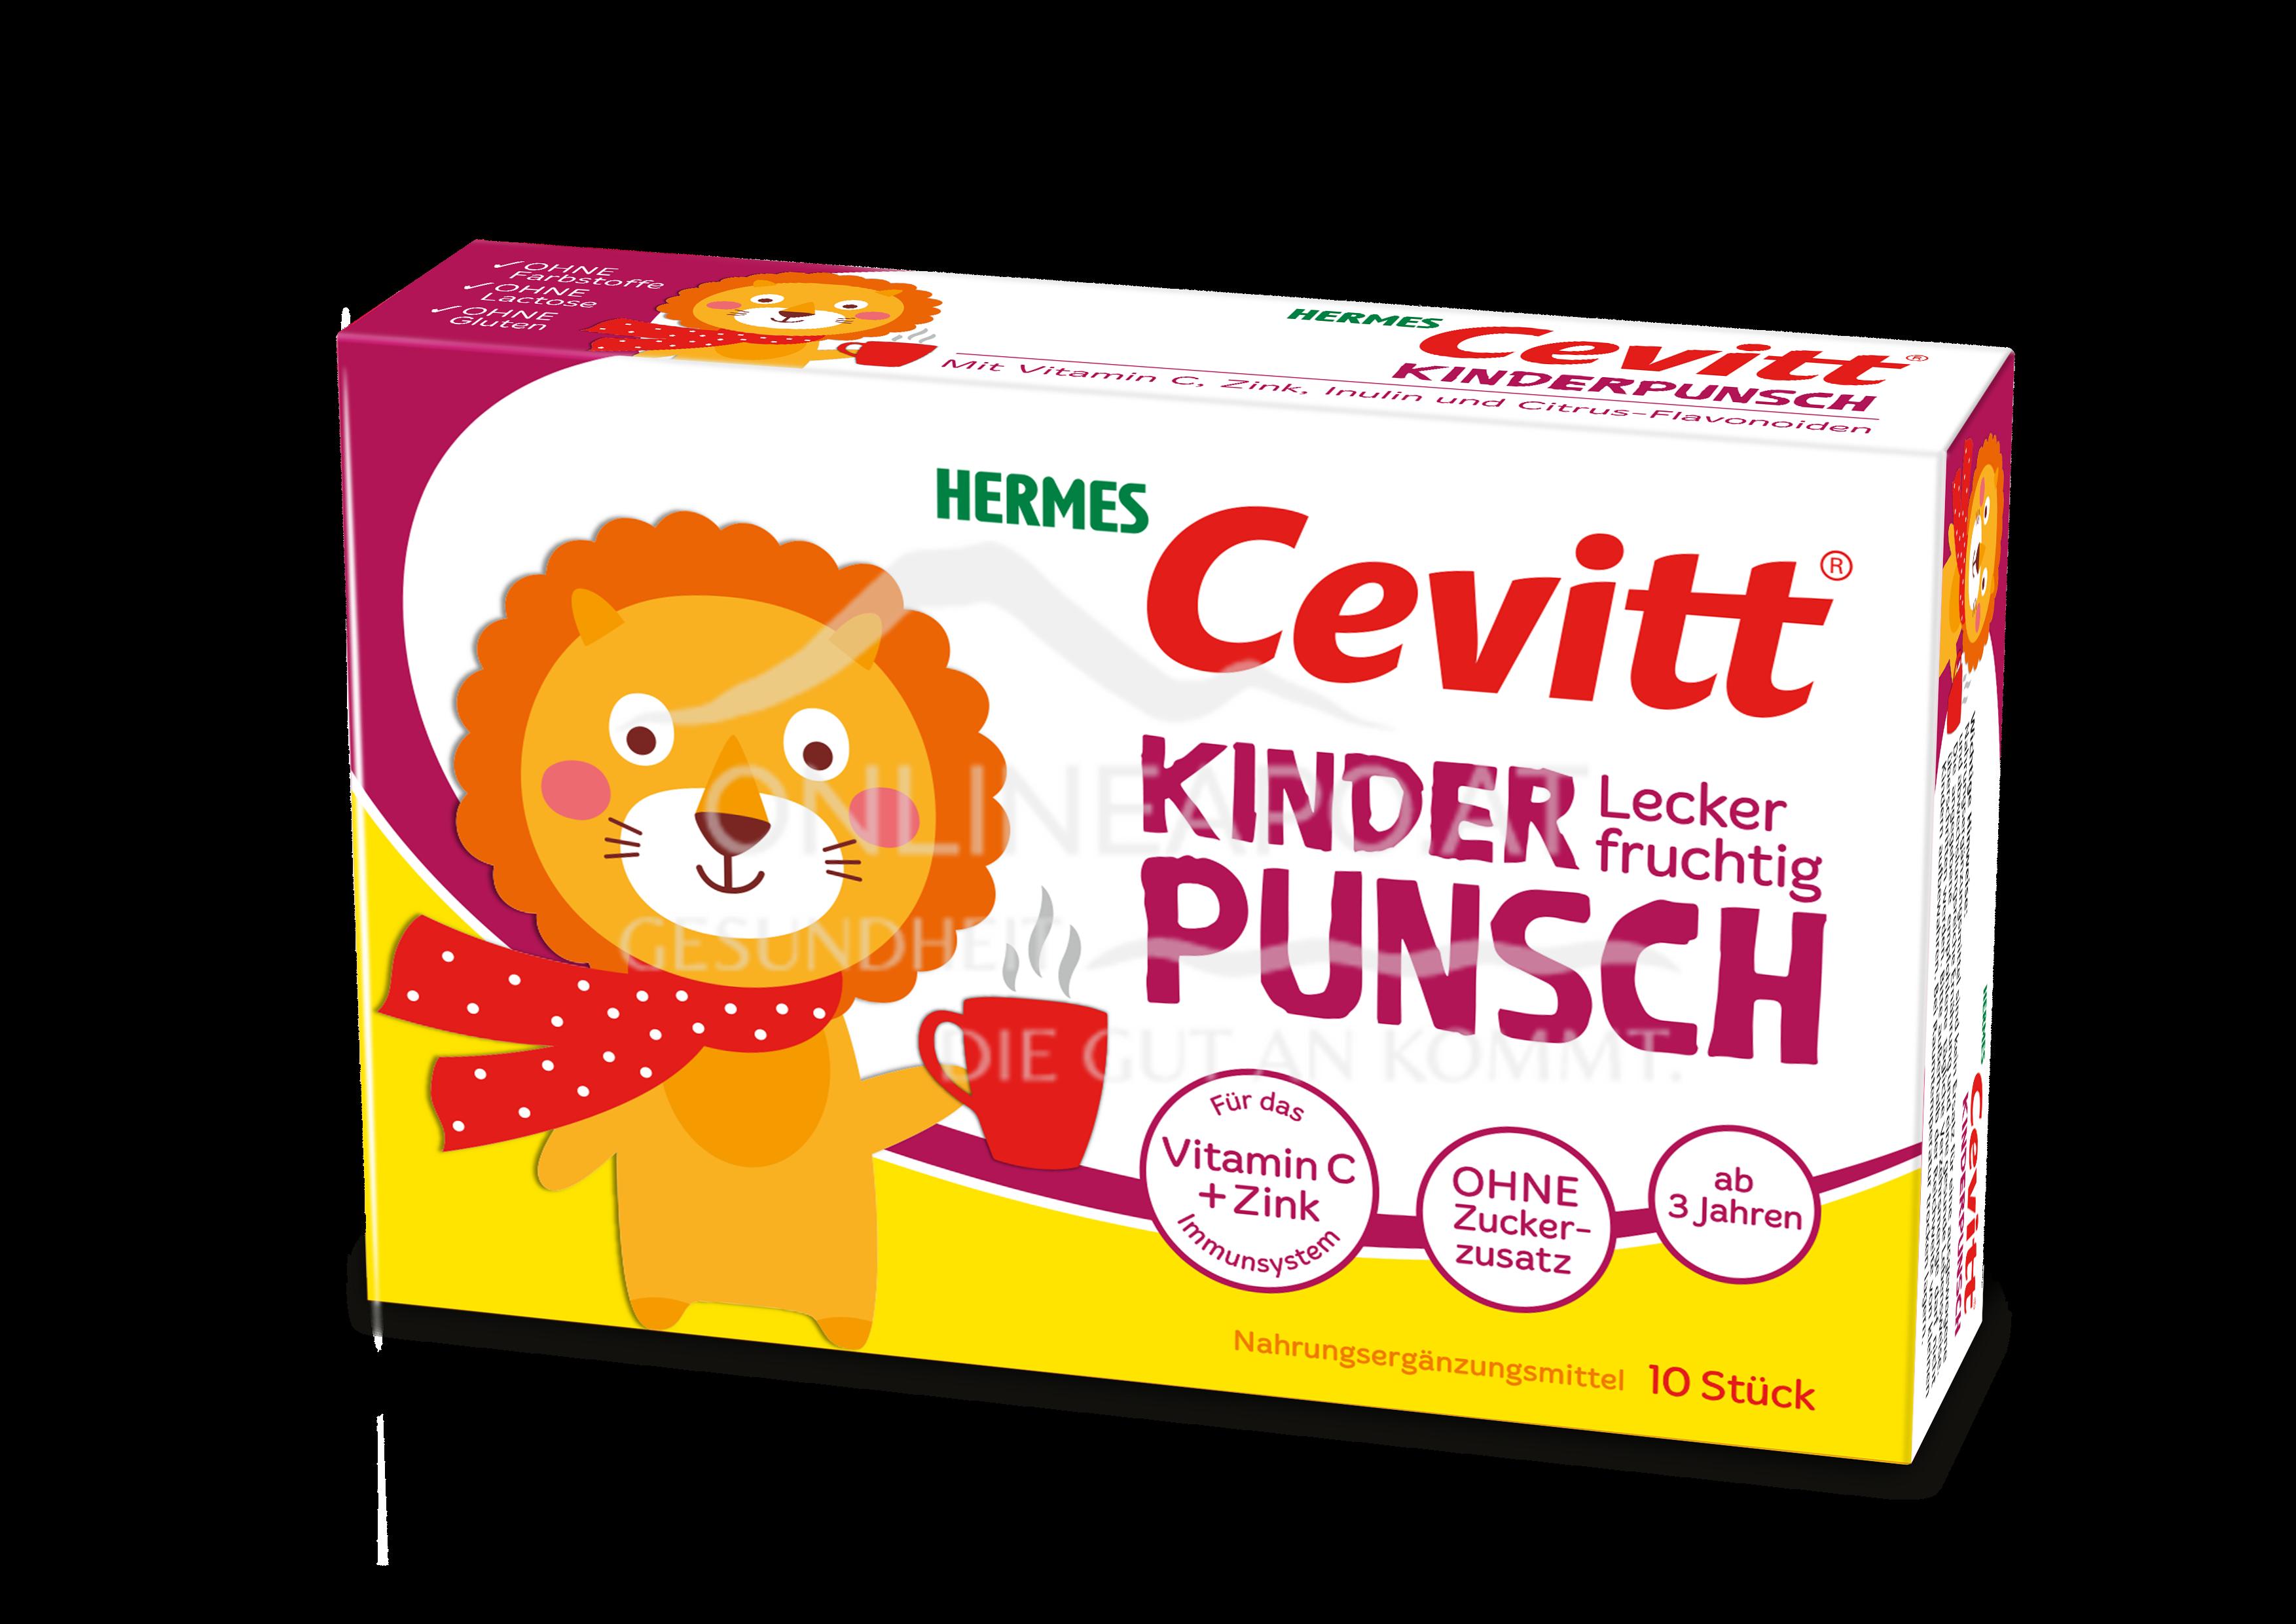 Cevitt® KINDERPUNSCH